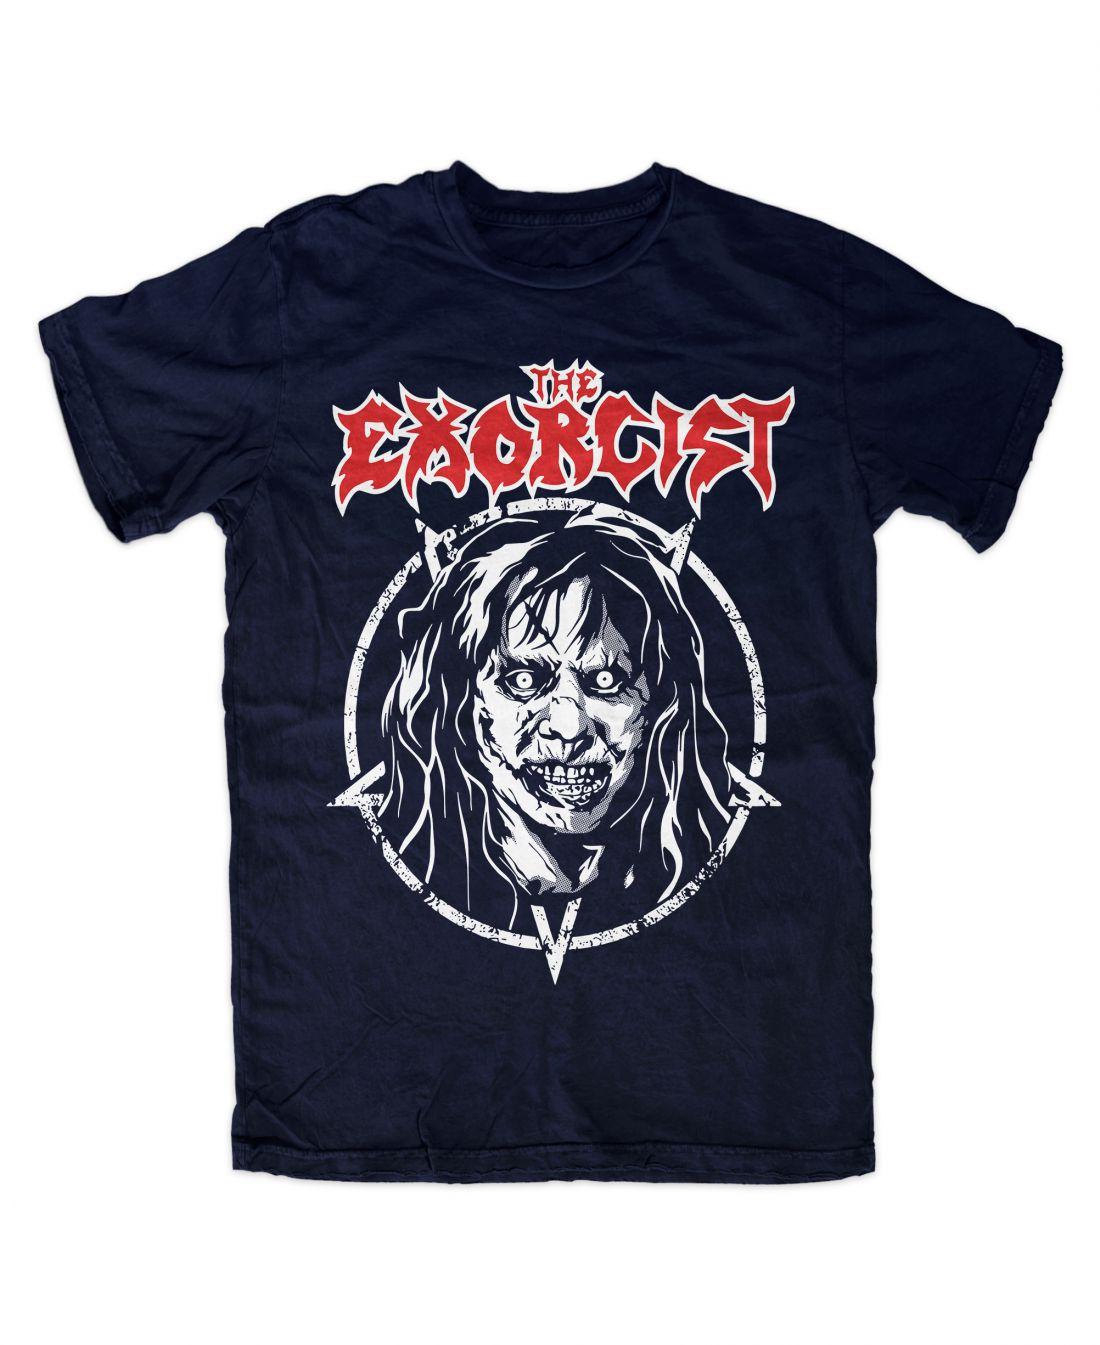 The Exorcist 001 metal series (navy blue póló)